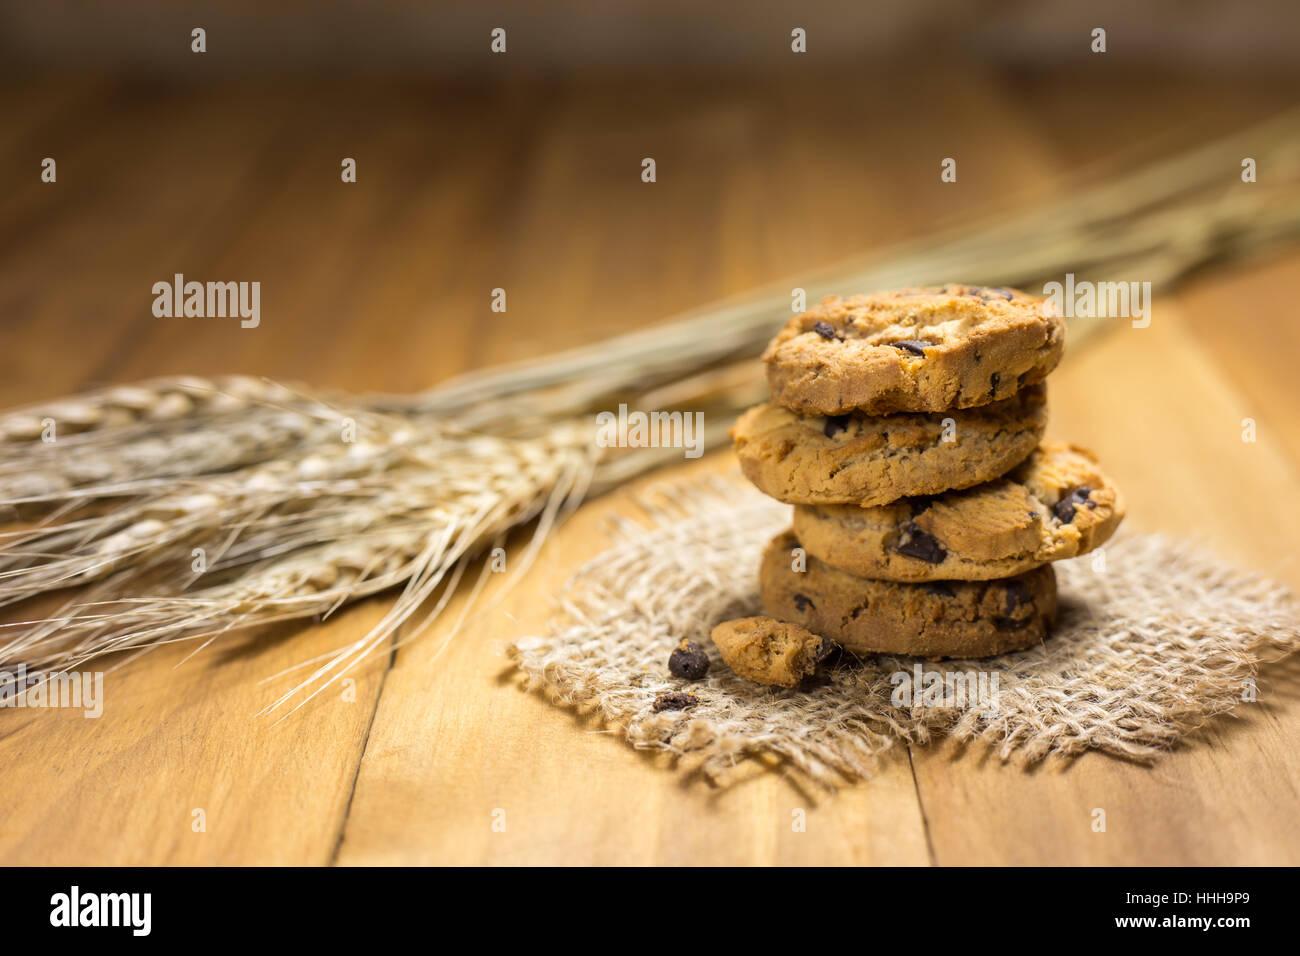 Galletas de chocolate en una bolsa de tela sobre madera. Las galletas con trocitos de chocolate y malta de arroz Imagen De Stock